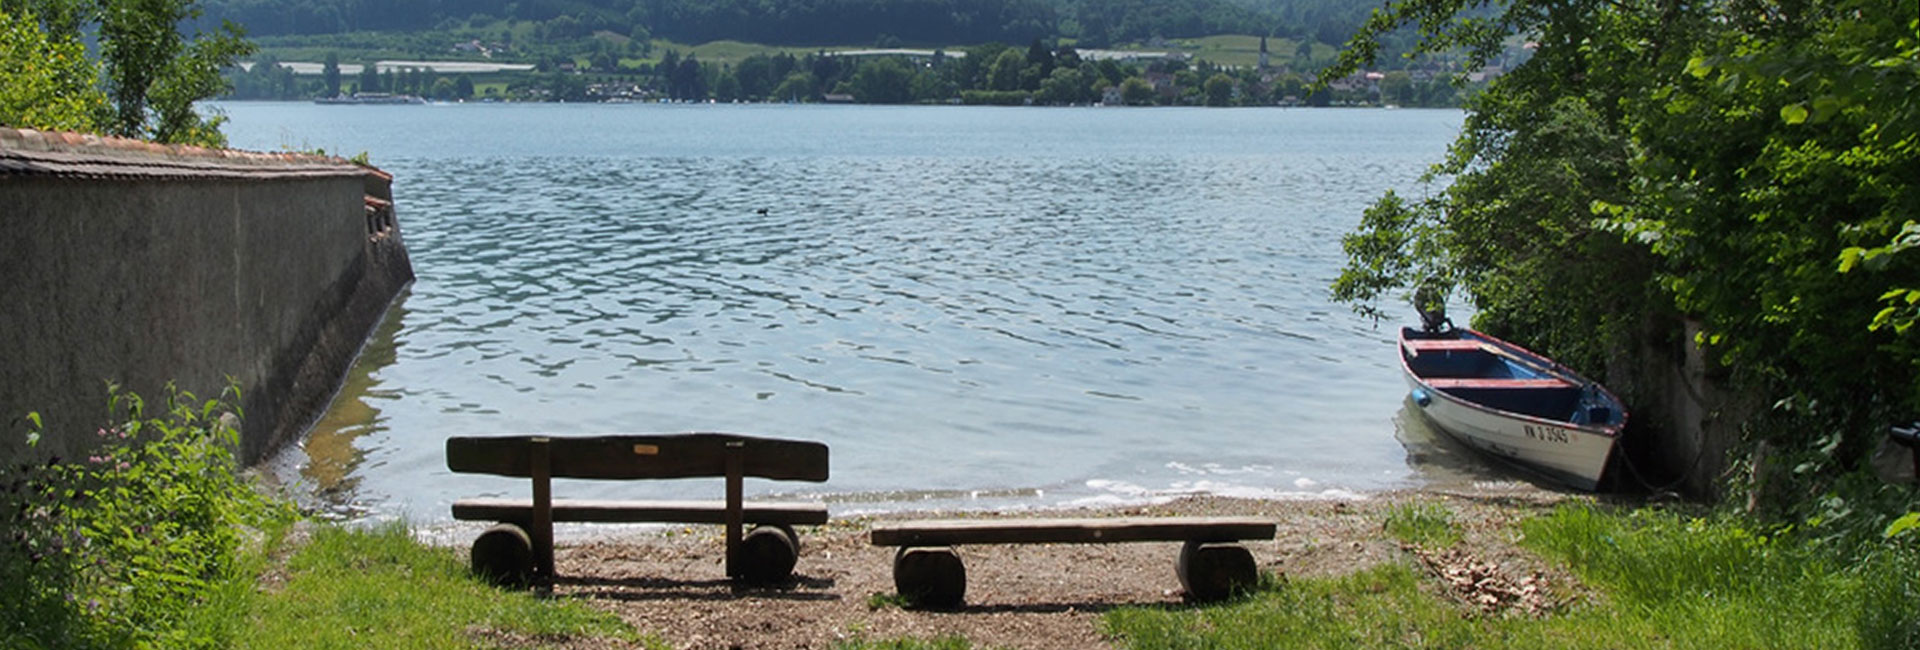 Zwei Bänke am Untersee des Bodensee bei Öhningen